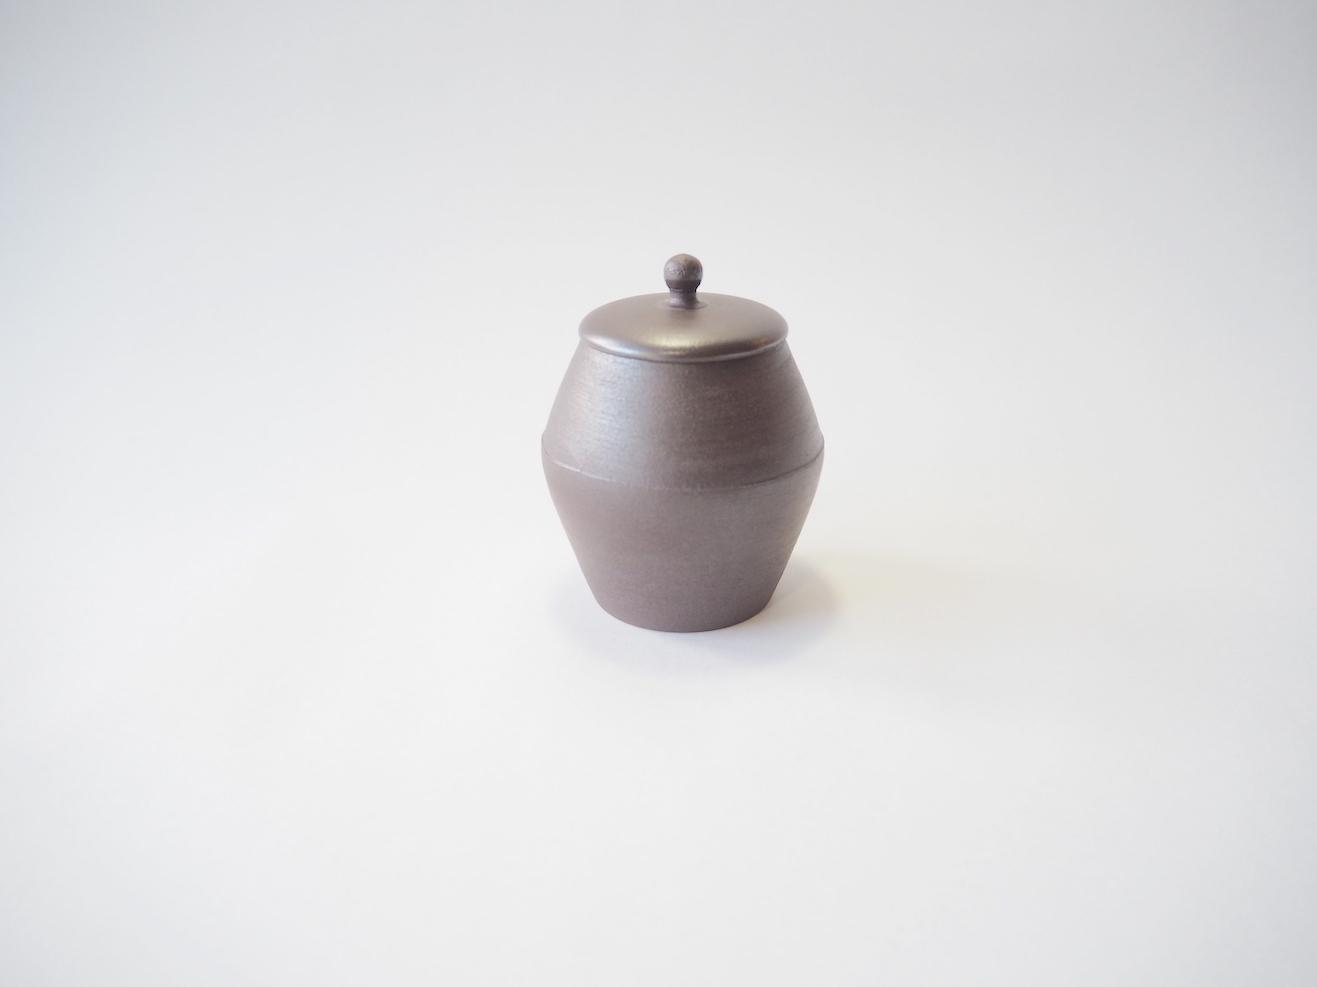 茶壺 / 甚秋陶苑 伊藤成二氏